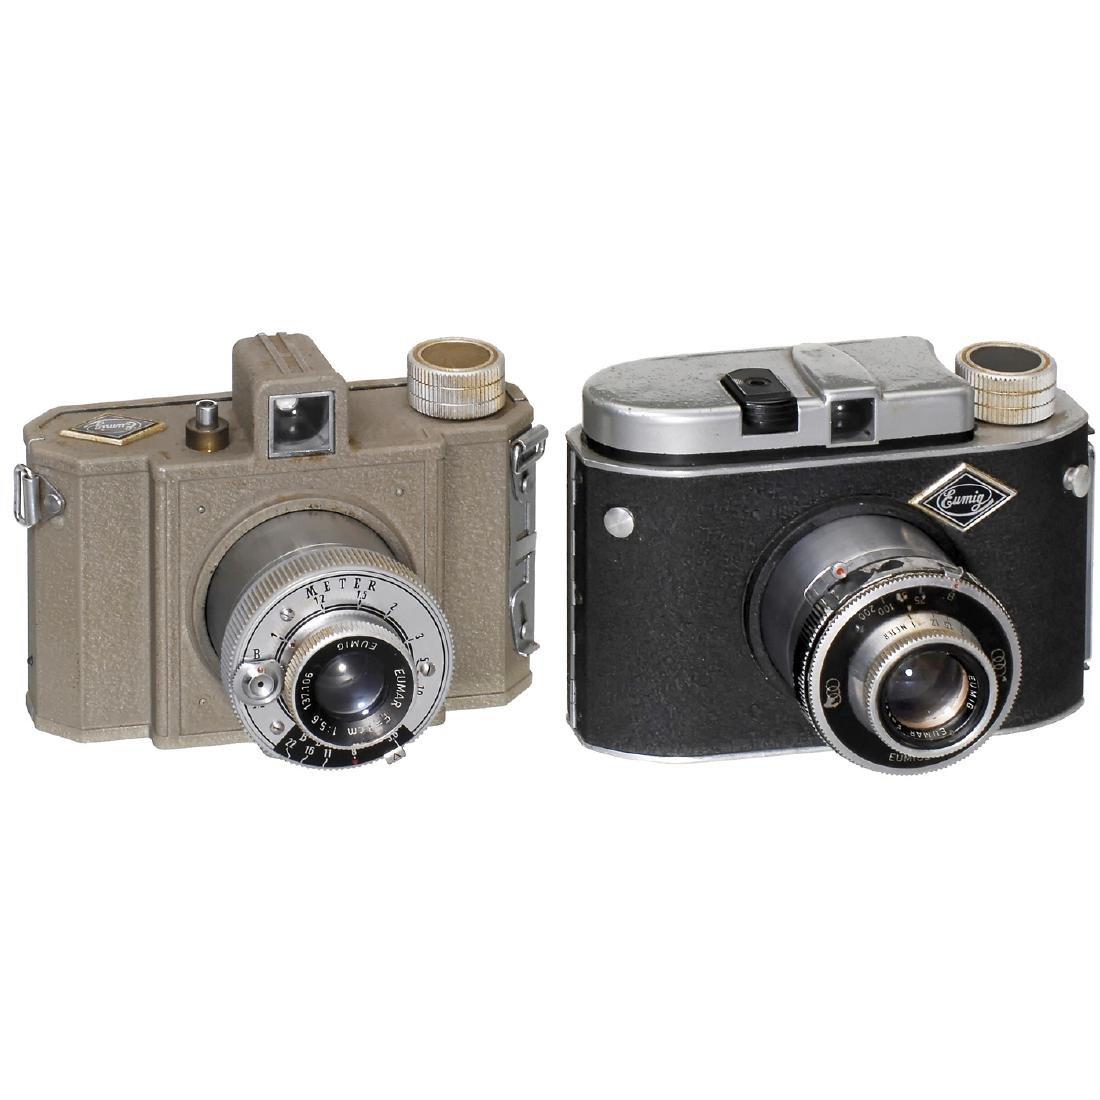 2 Eumig Rollfilm Cameras